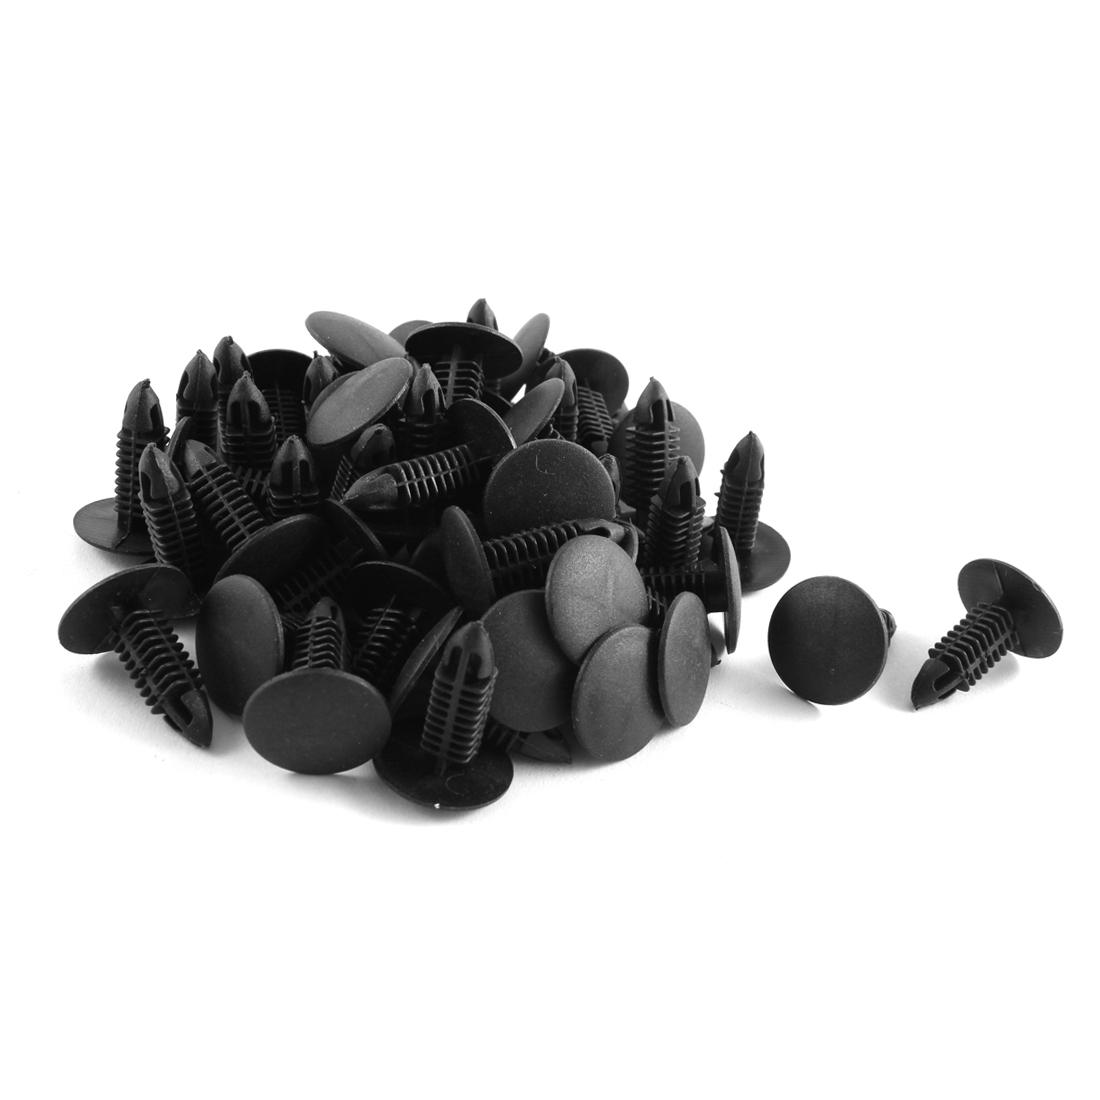 50 Pcs Black Plastic Splash Guard Fastener Rivet Clips 6mm x 17mm x 21mm